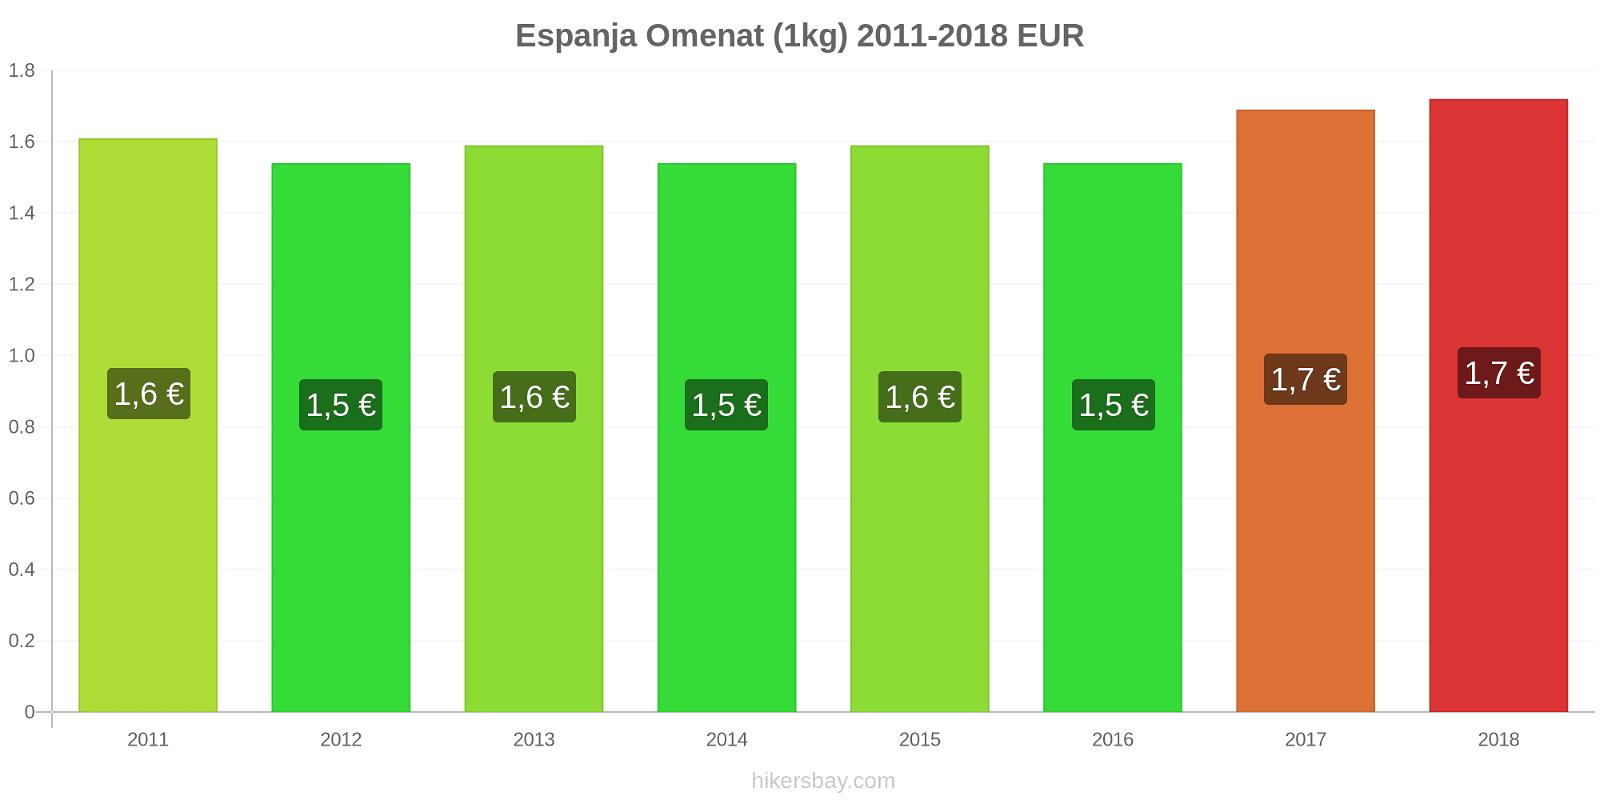 Espanja hintojen muutokset Omenat (1kg) hikersbay.com